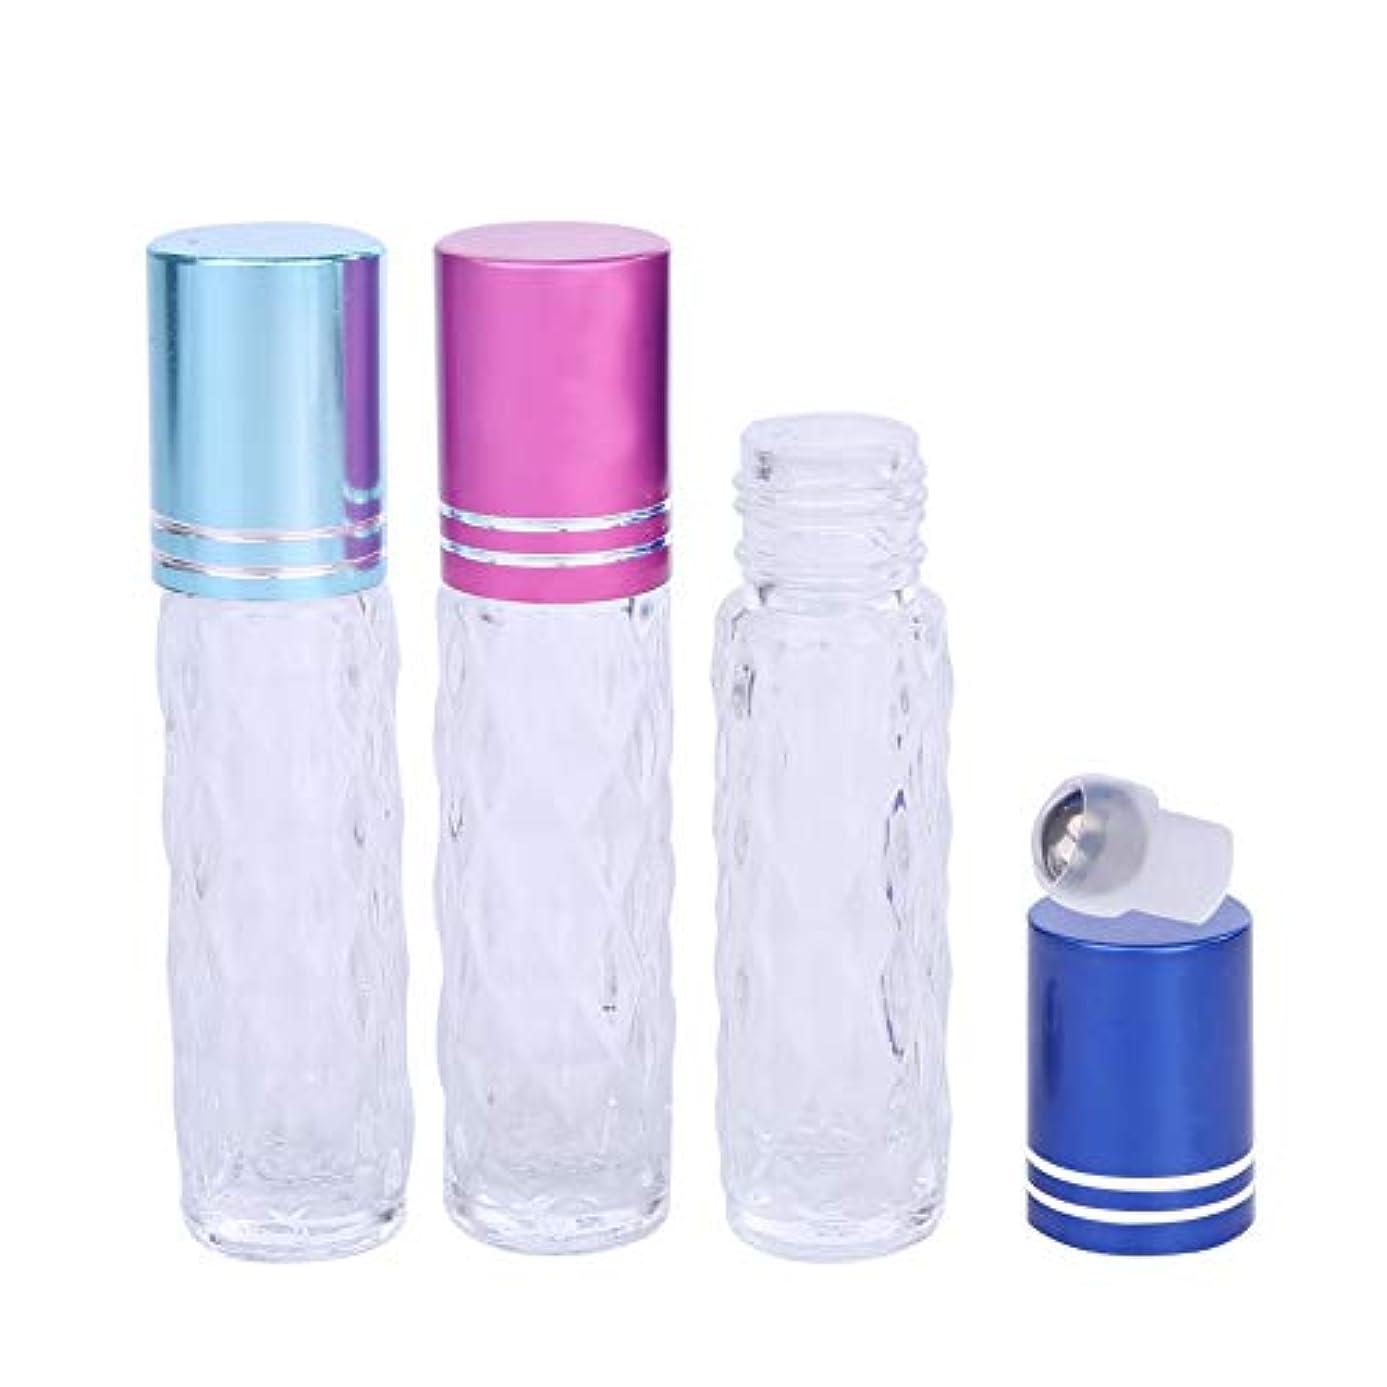 シートマイルストーン番号アロマスミス ロールオンボトル 7ml 3本セット ステンレスボール スポイト付 精油 エッセンシャルオイル 保存容器 詰替え 3色セット